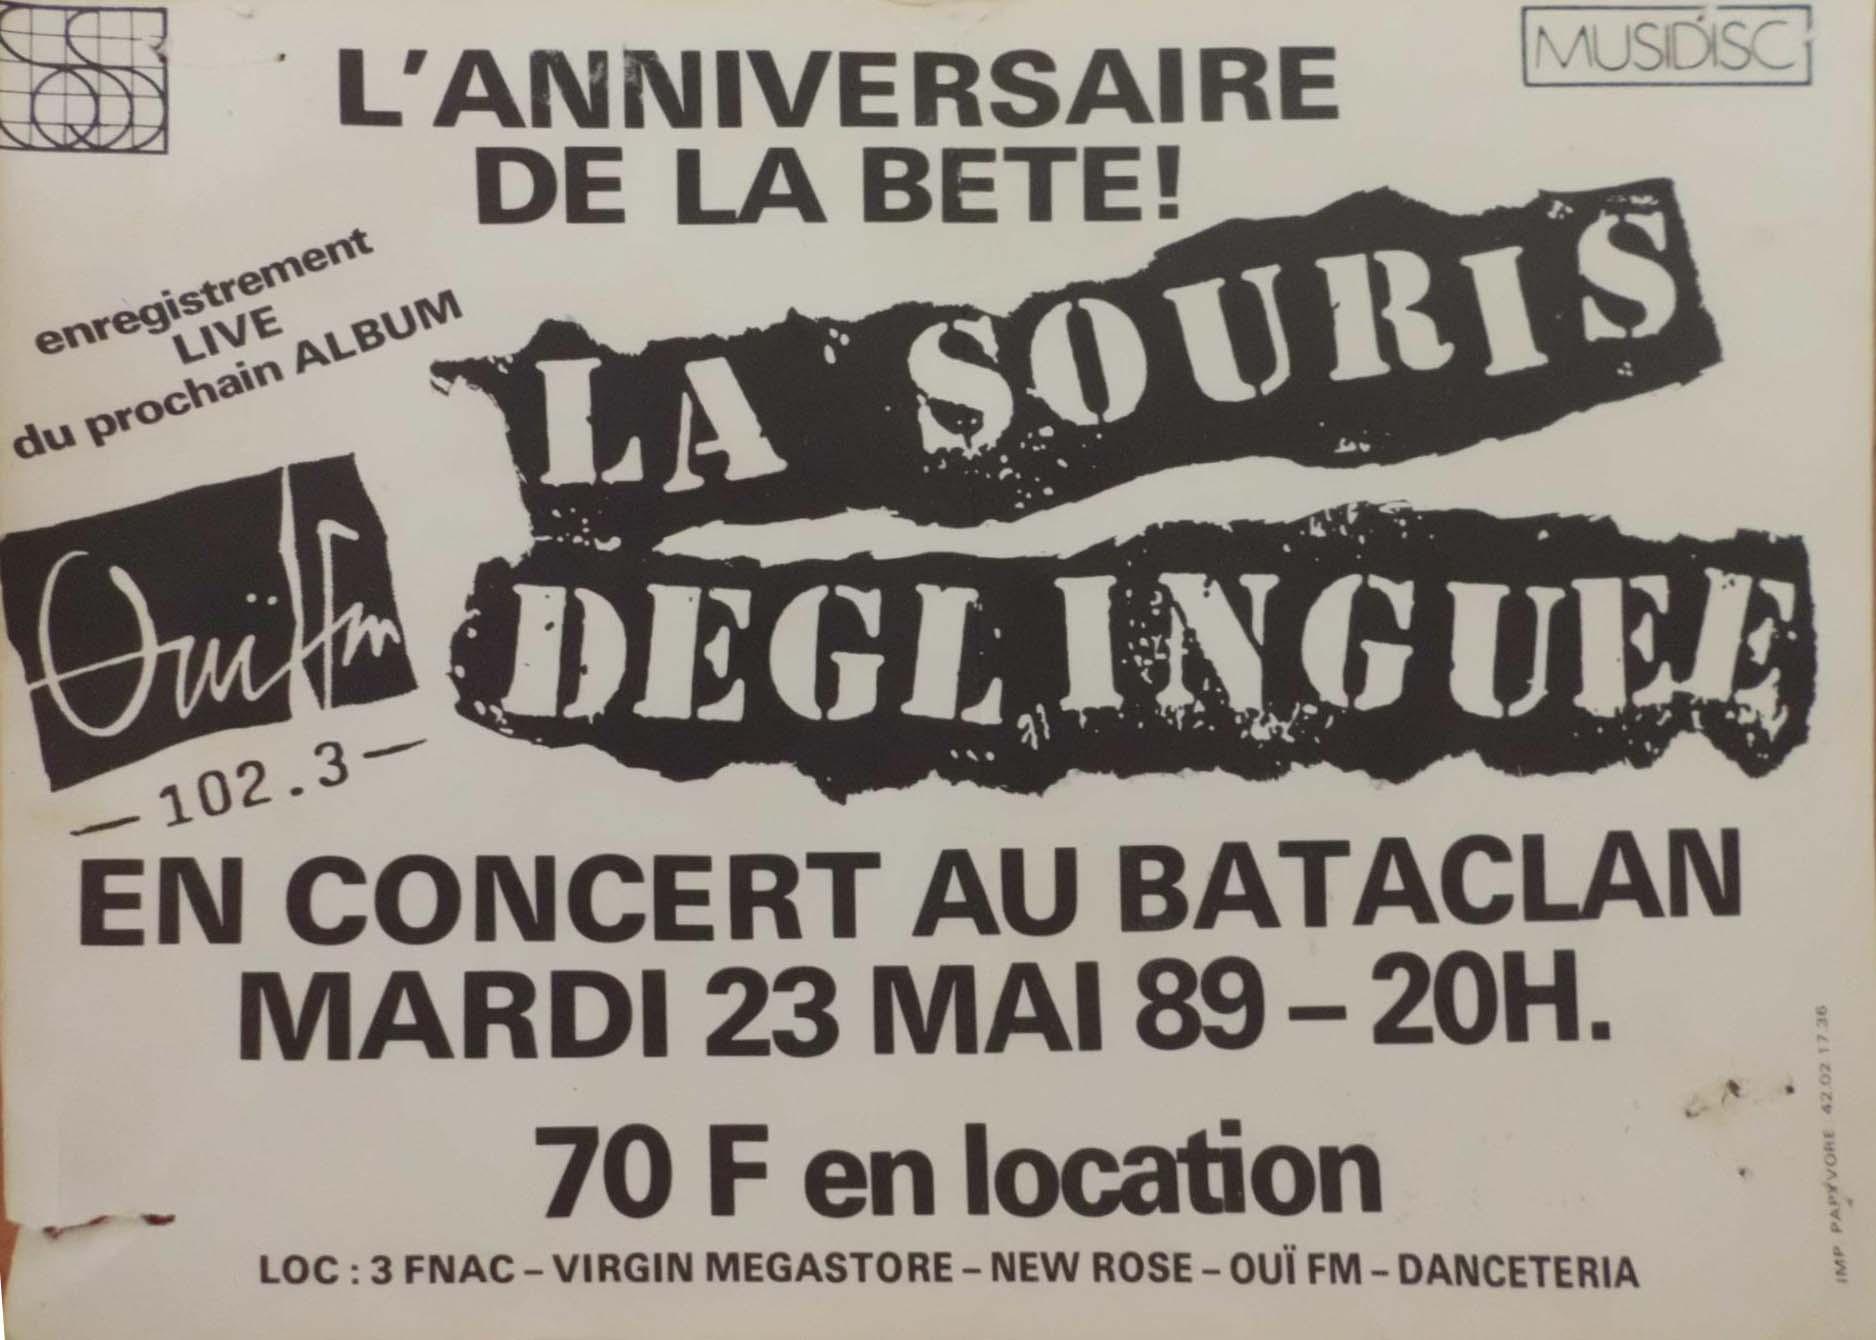 """23 mai 1989 La Souris Deglinguée à Paris """"Bataclan"""""""